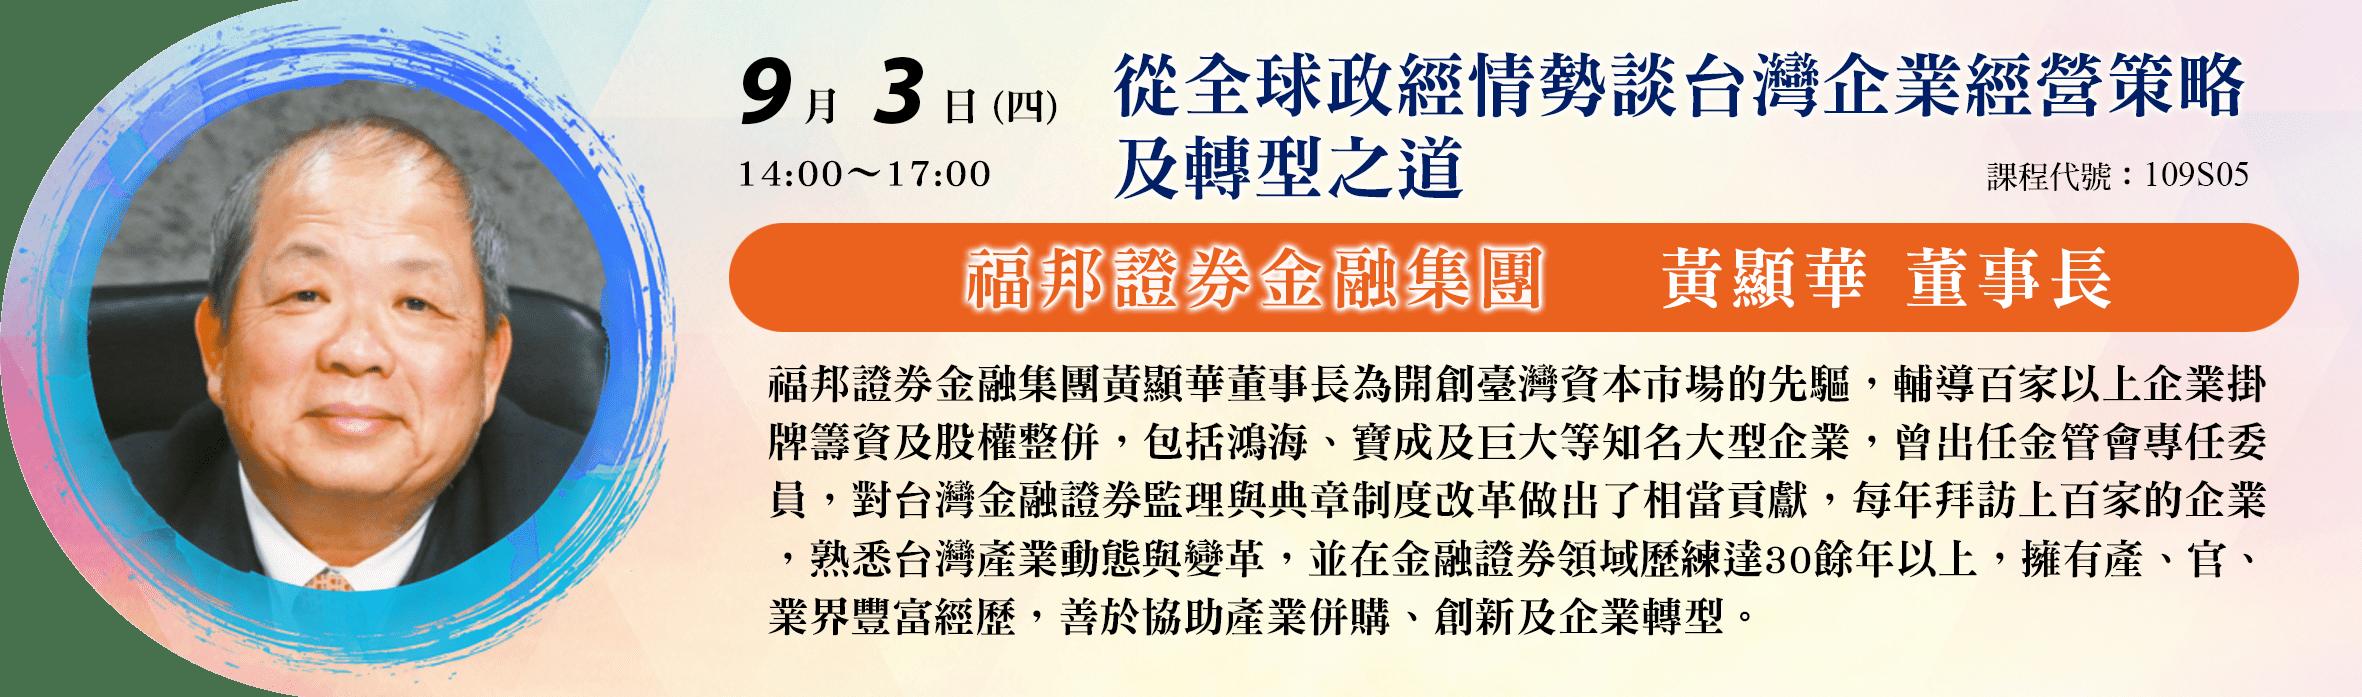 橫式-講者介紹-0903黃顯華(new)